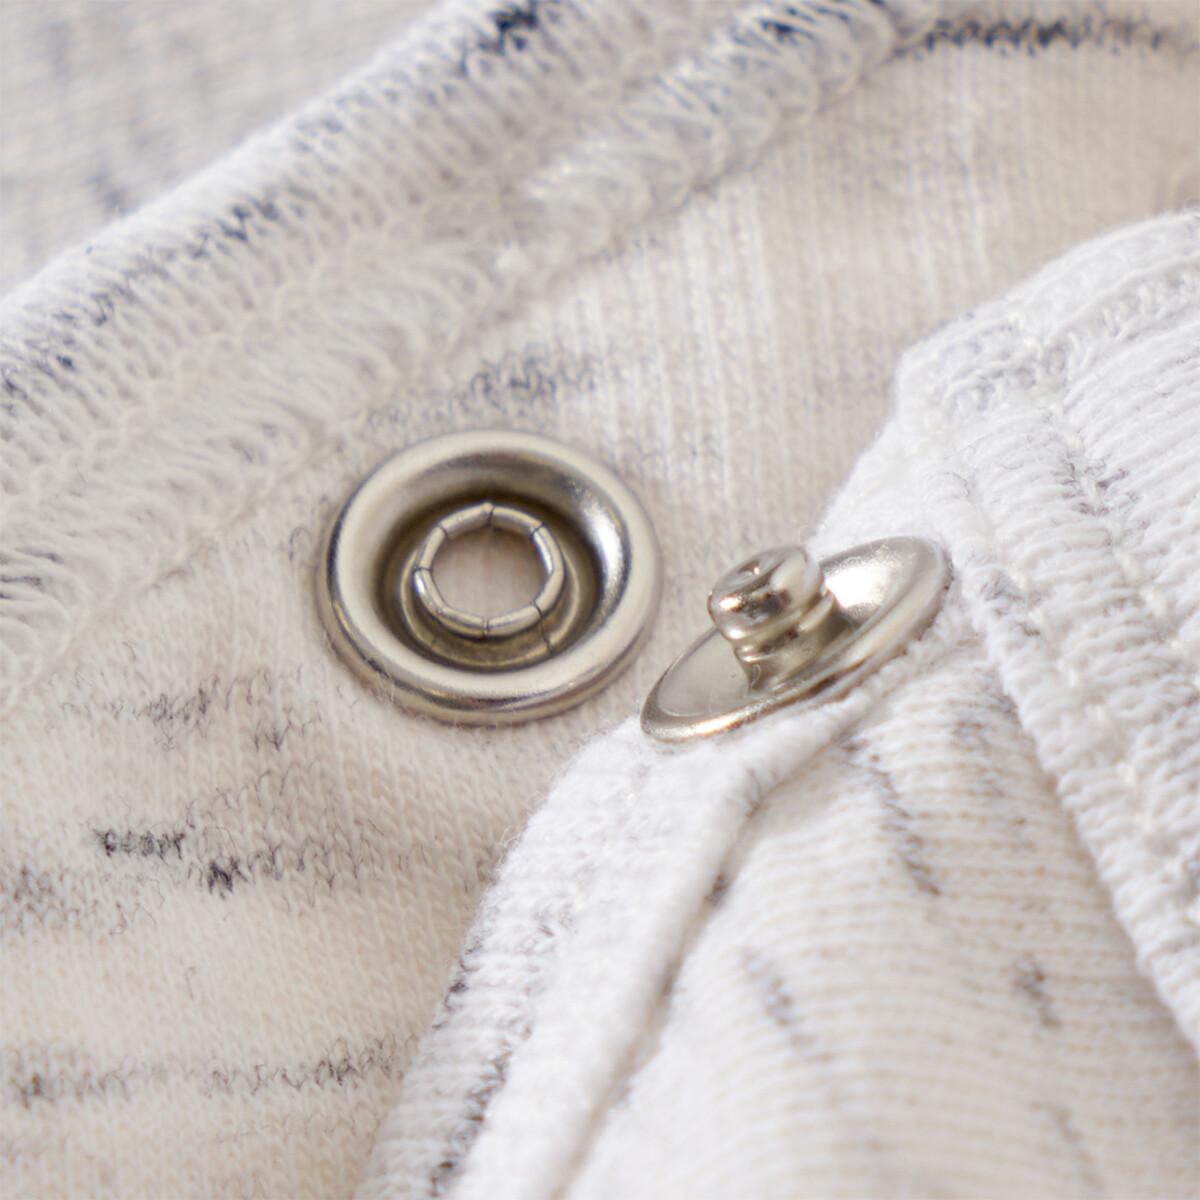 Bild 5 von Newborn Schlafanzug mit Dino-Applikation